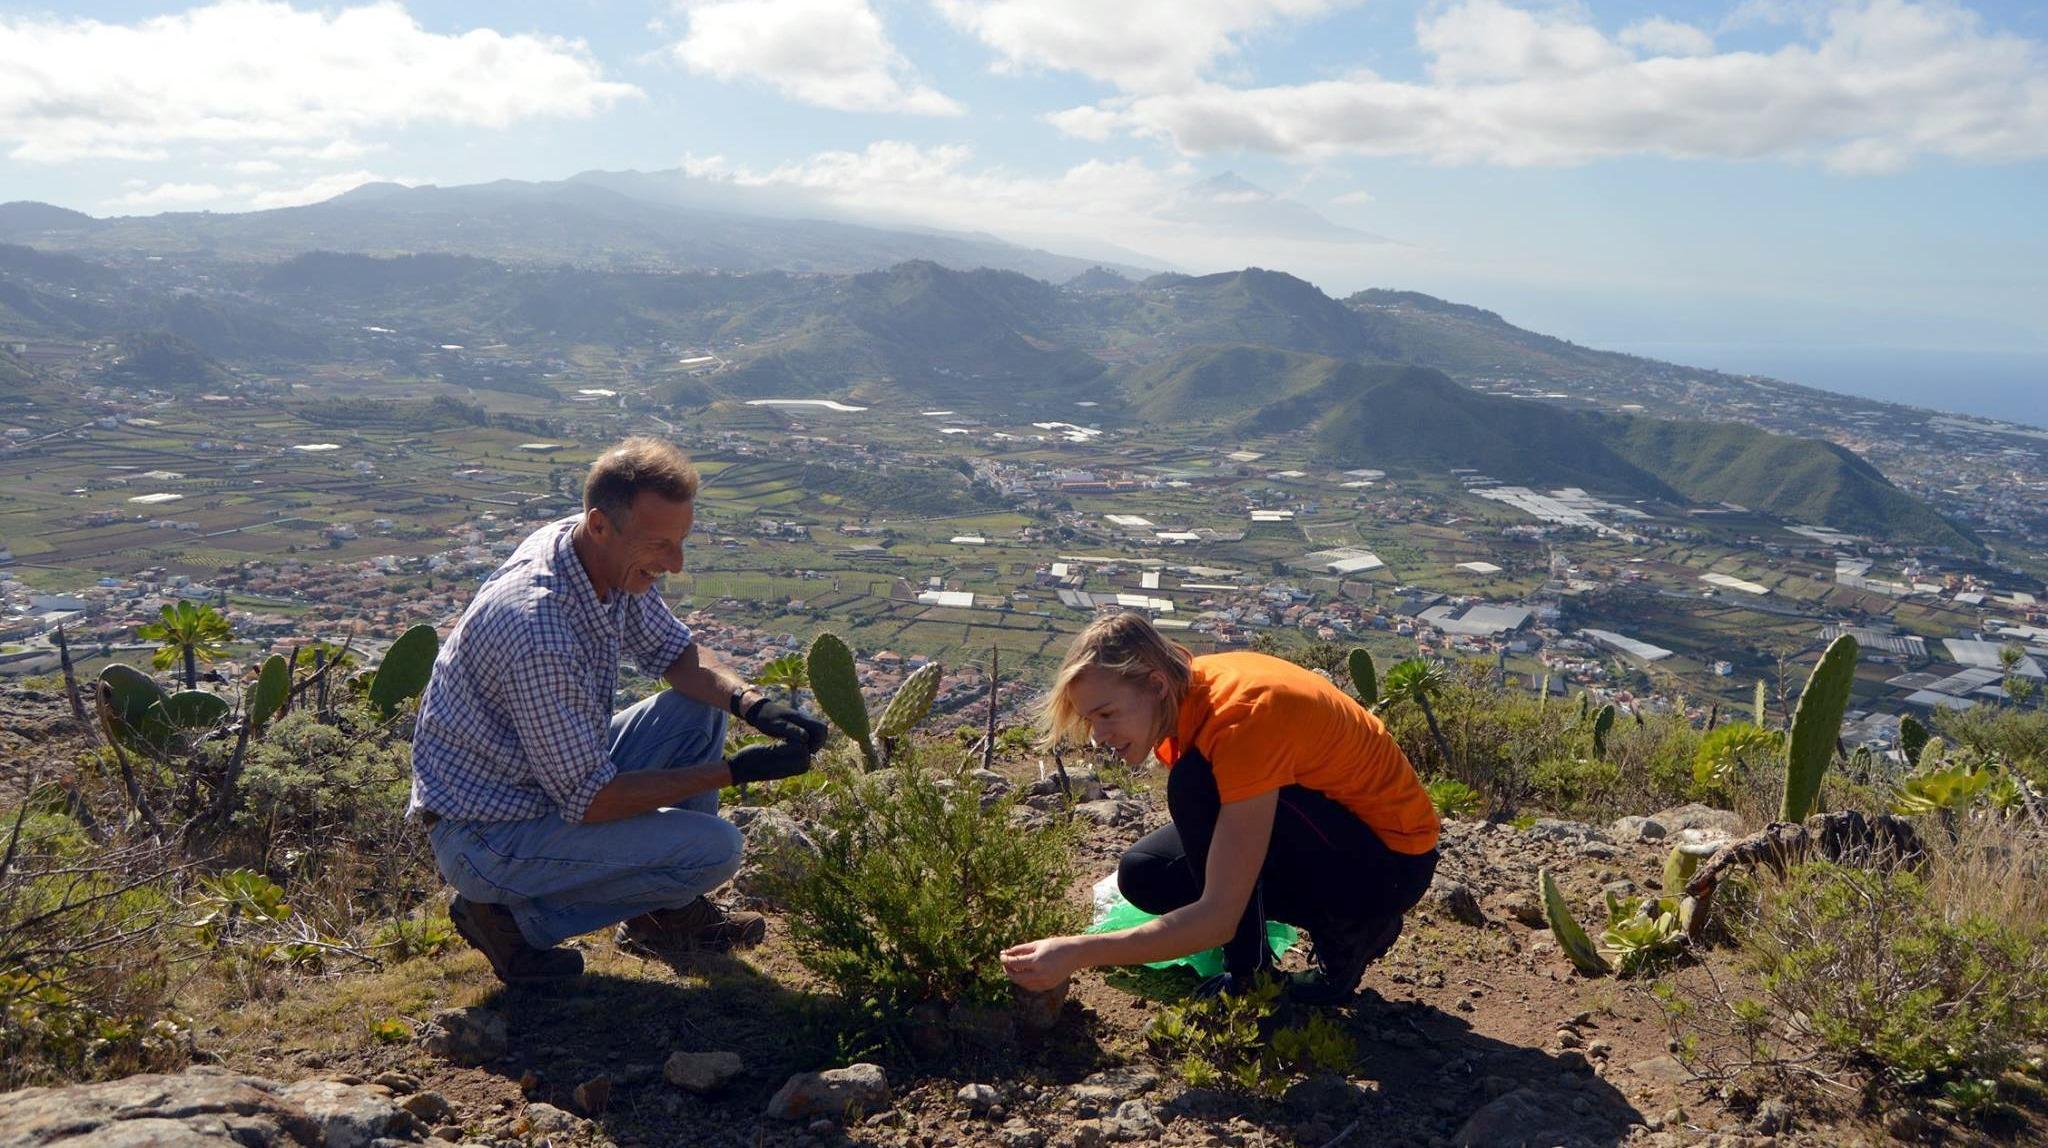 Tanja arbeitet als Auswanderin auf Teneriffa als Tourguide.